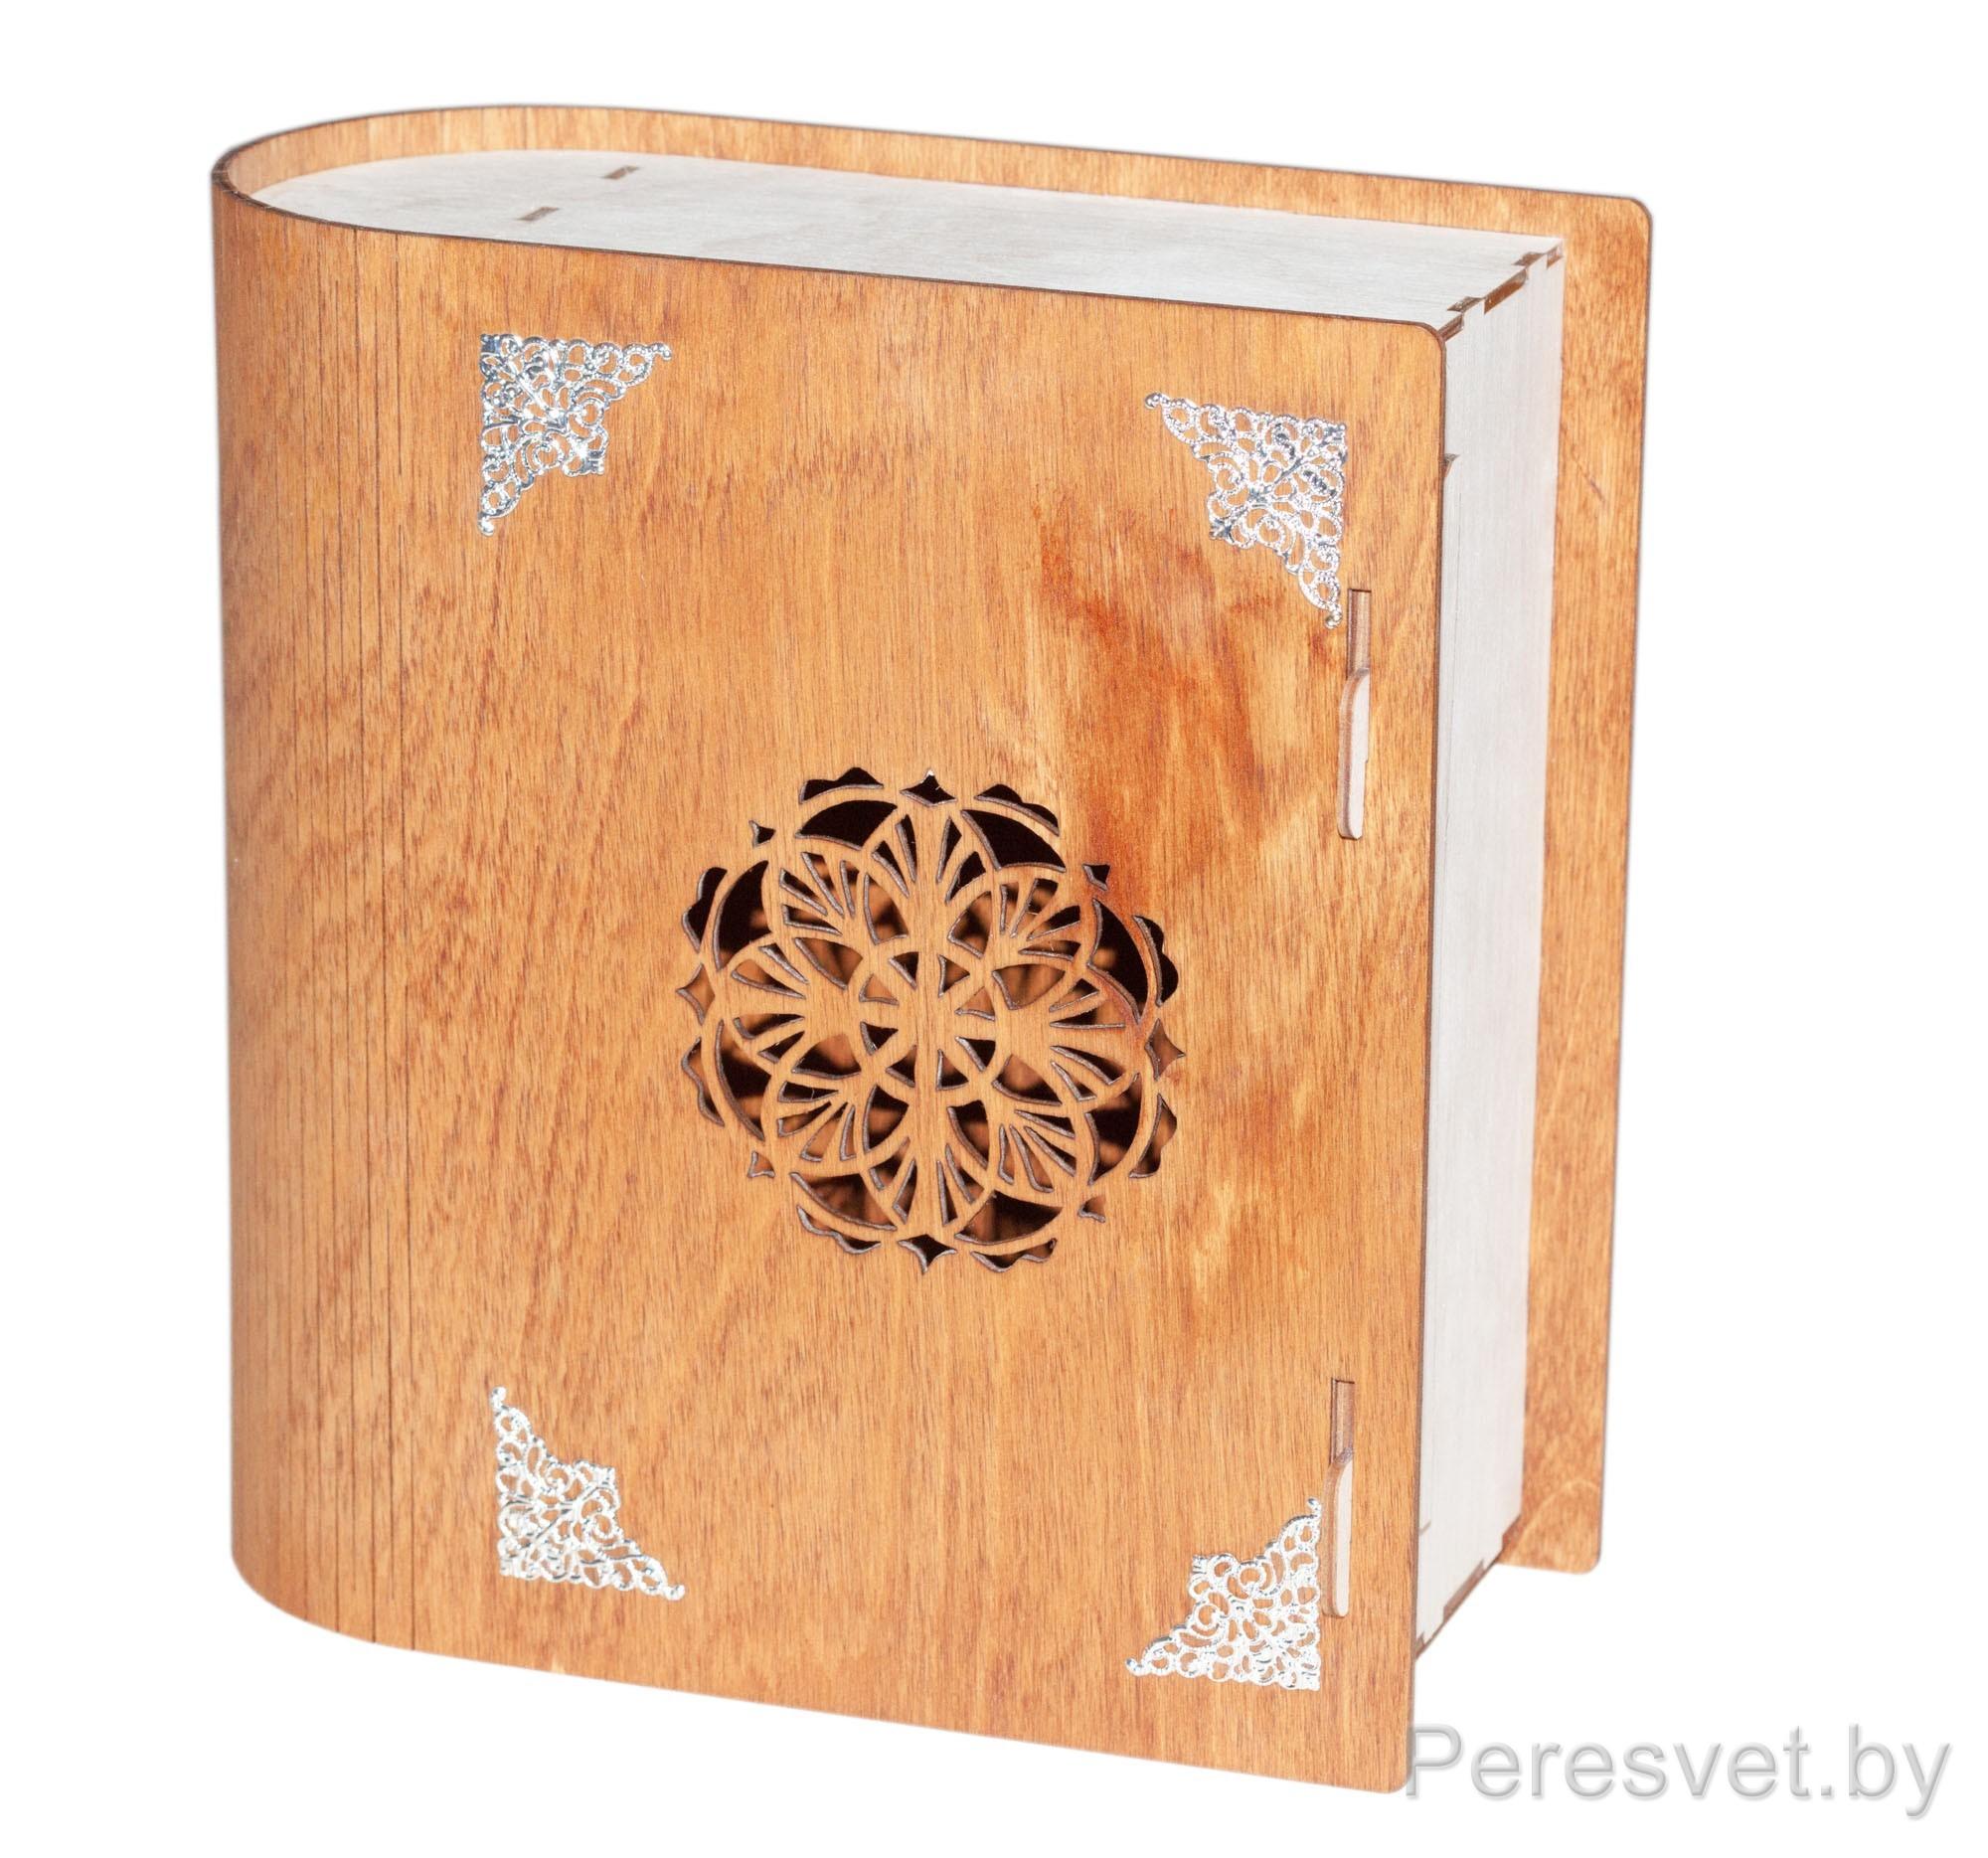 коробка деревянная Фантазия опт на peresvet.by